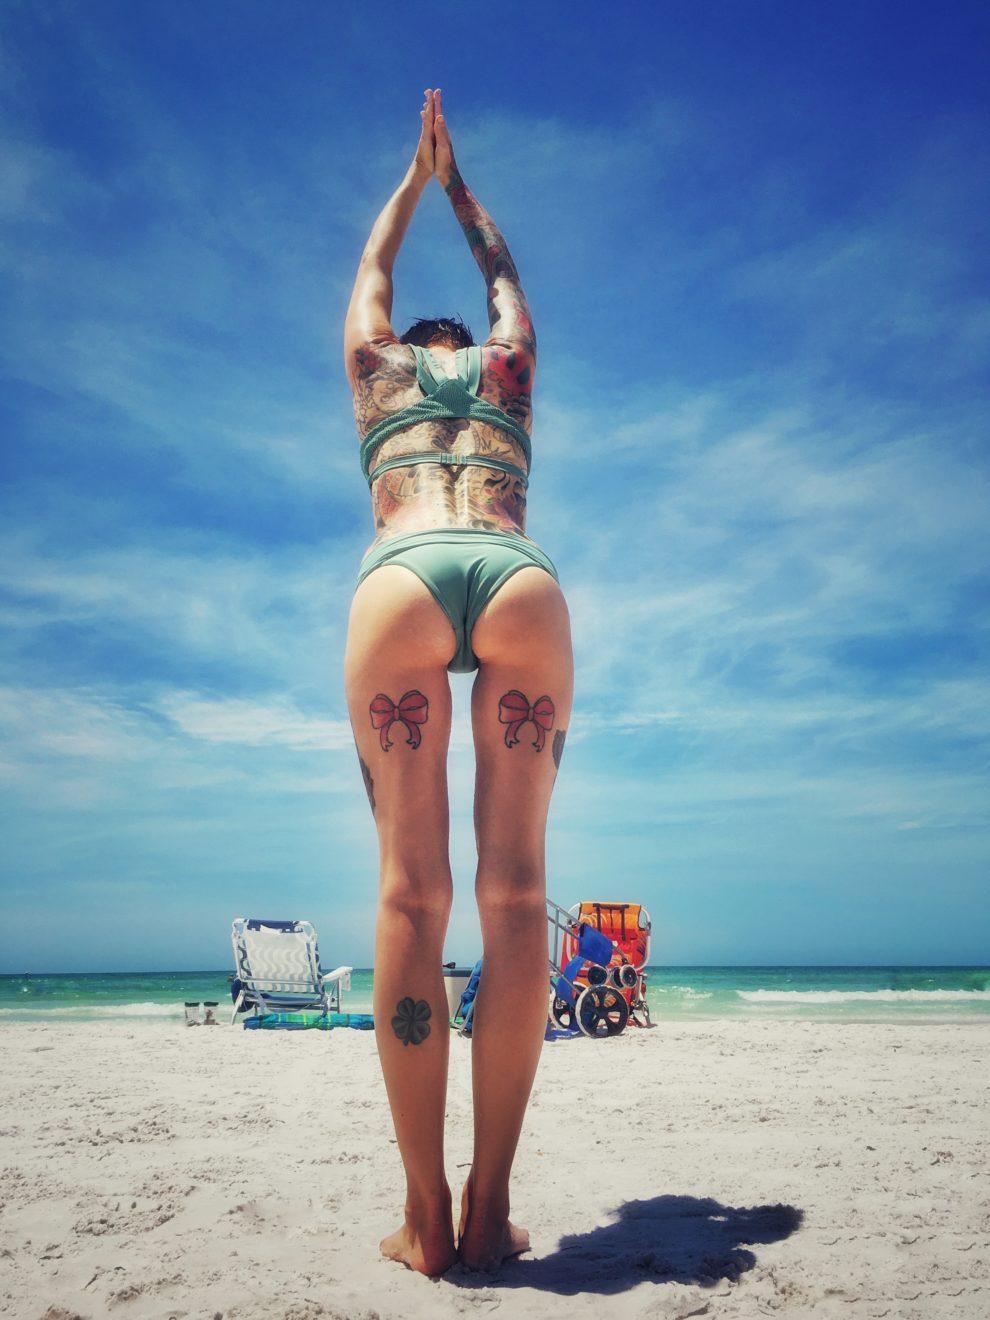 Worshipful gap at the beach